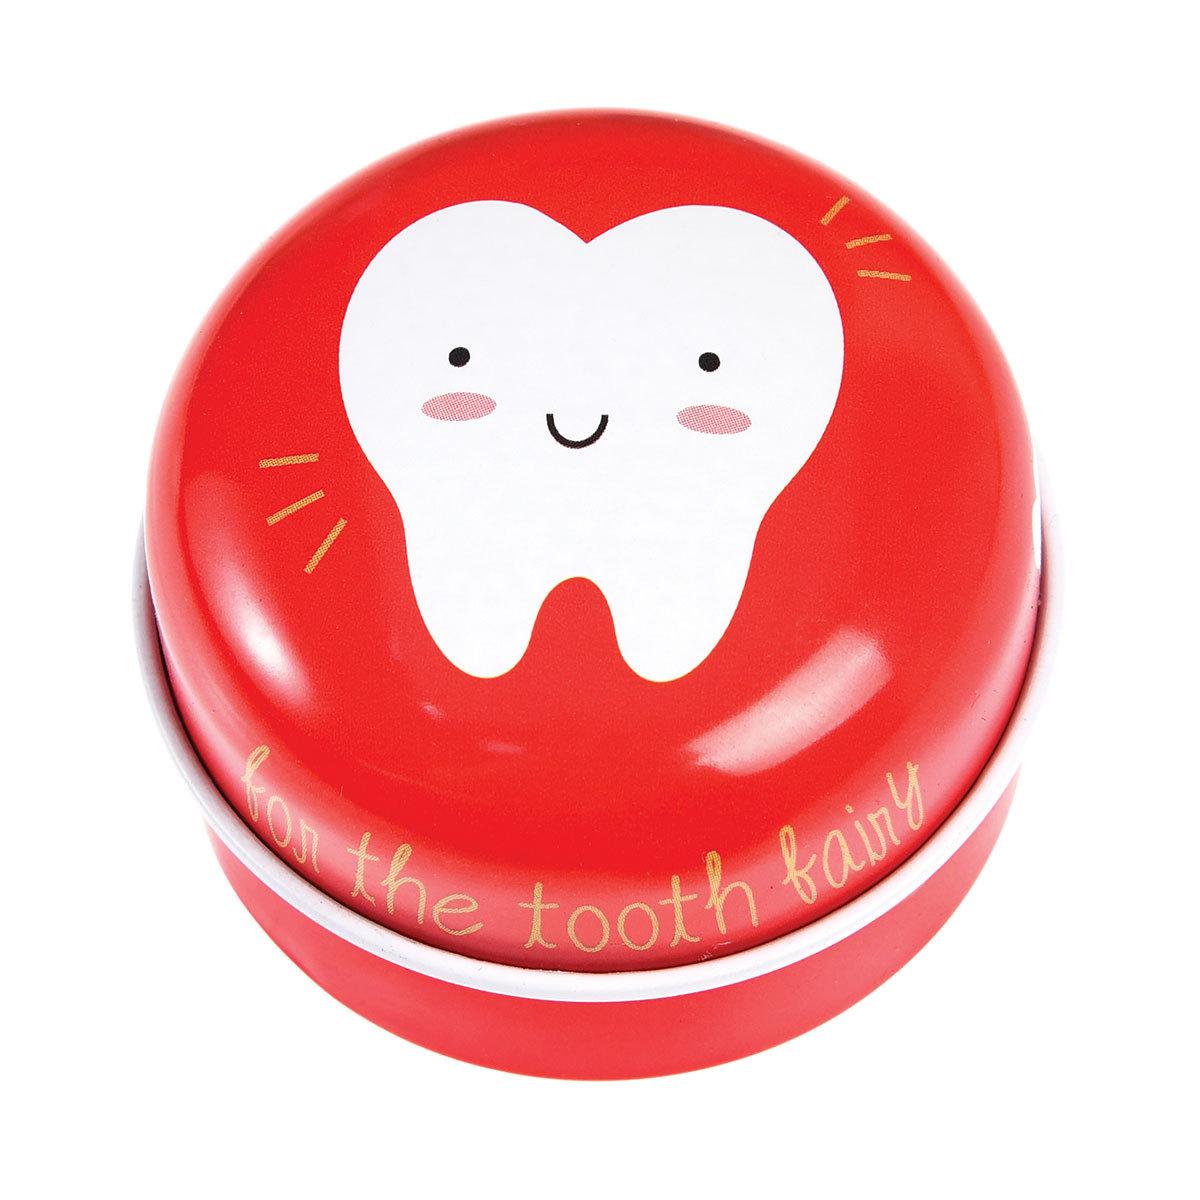 Dentition Boite à Dents Rouge Boite à Dents Rouge